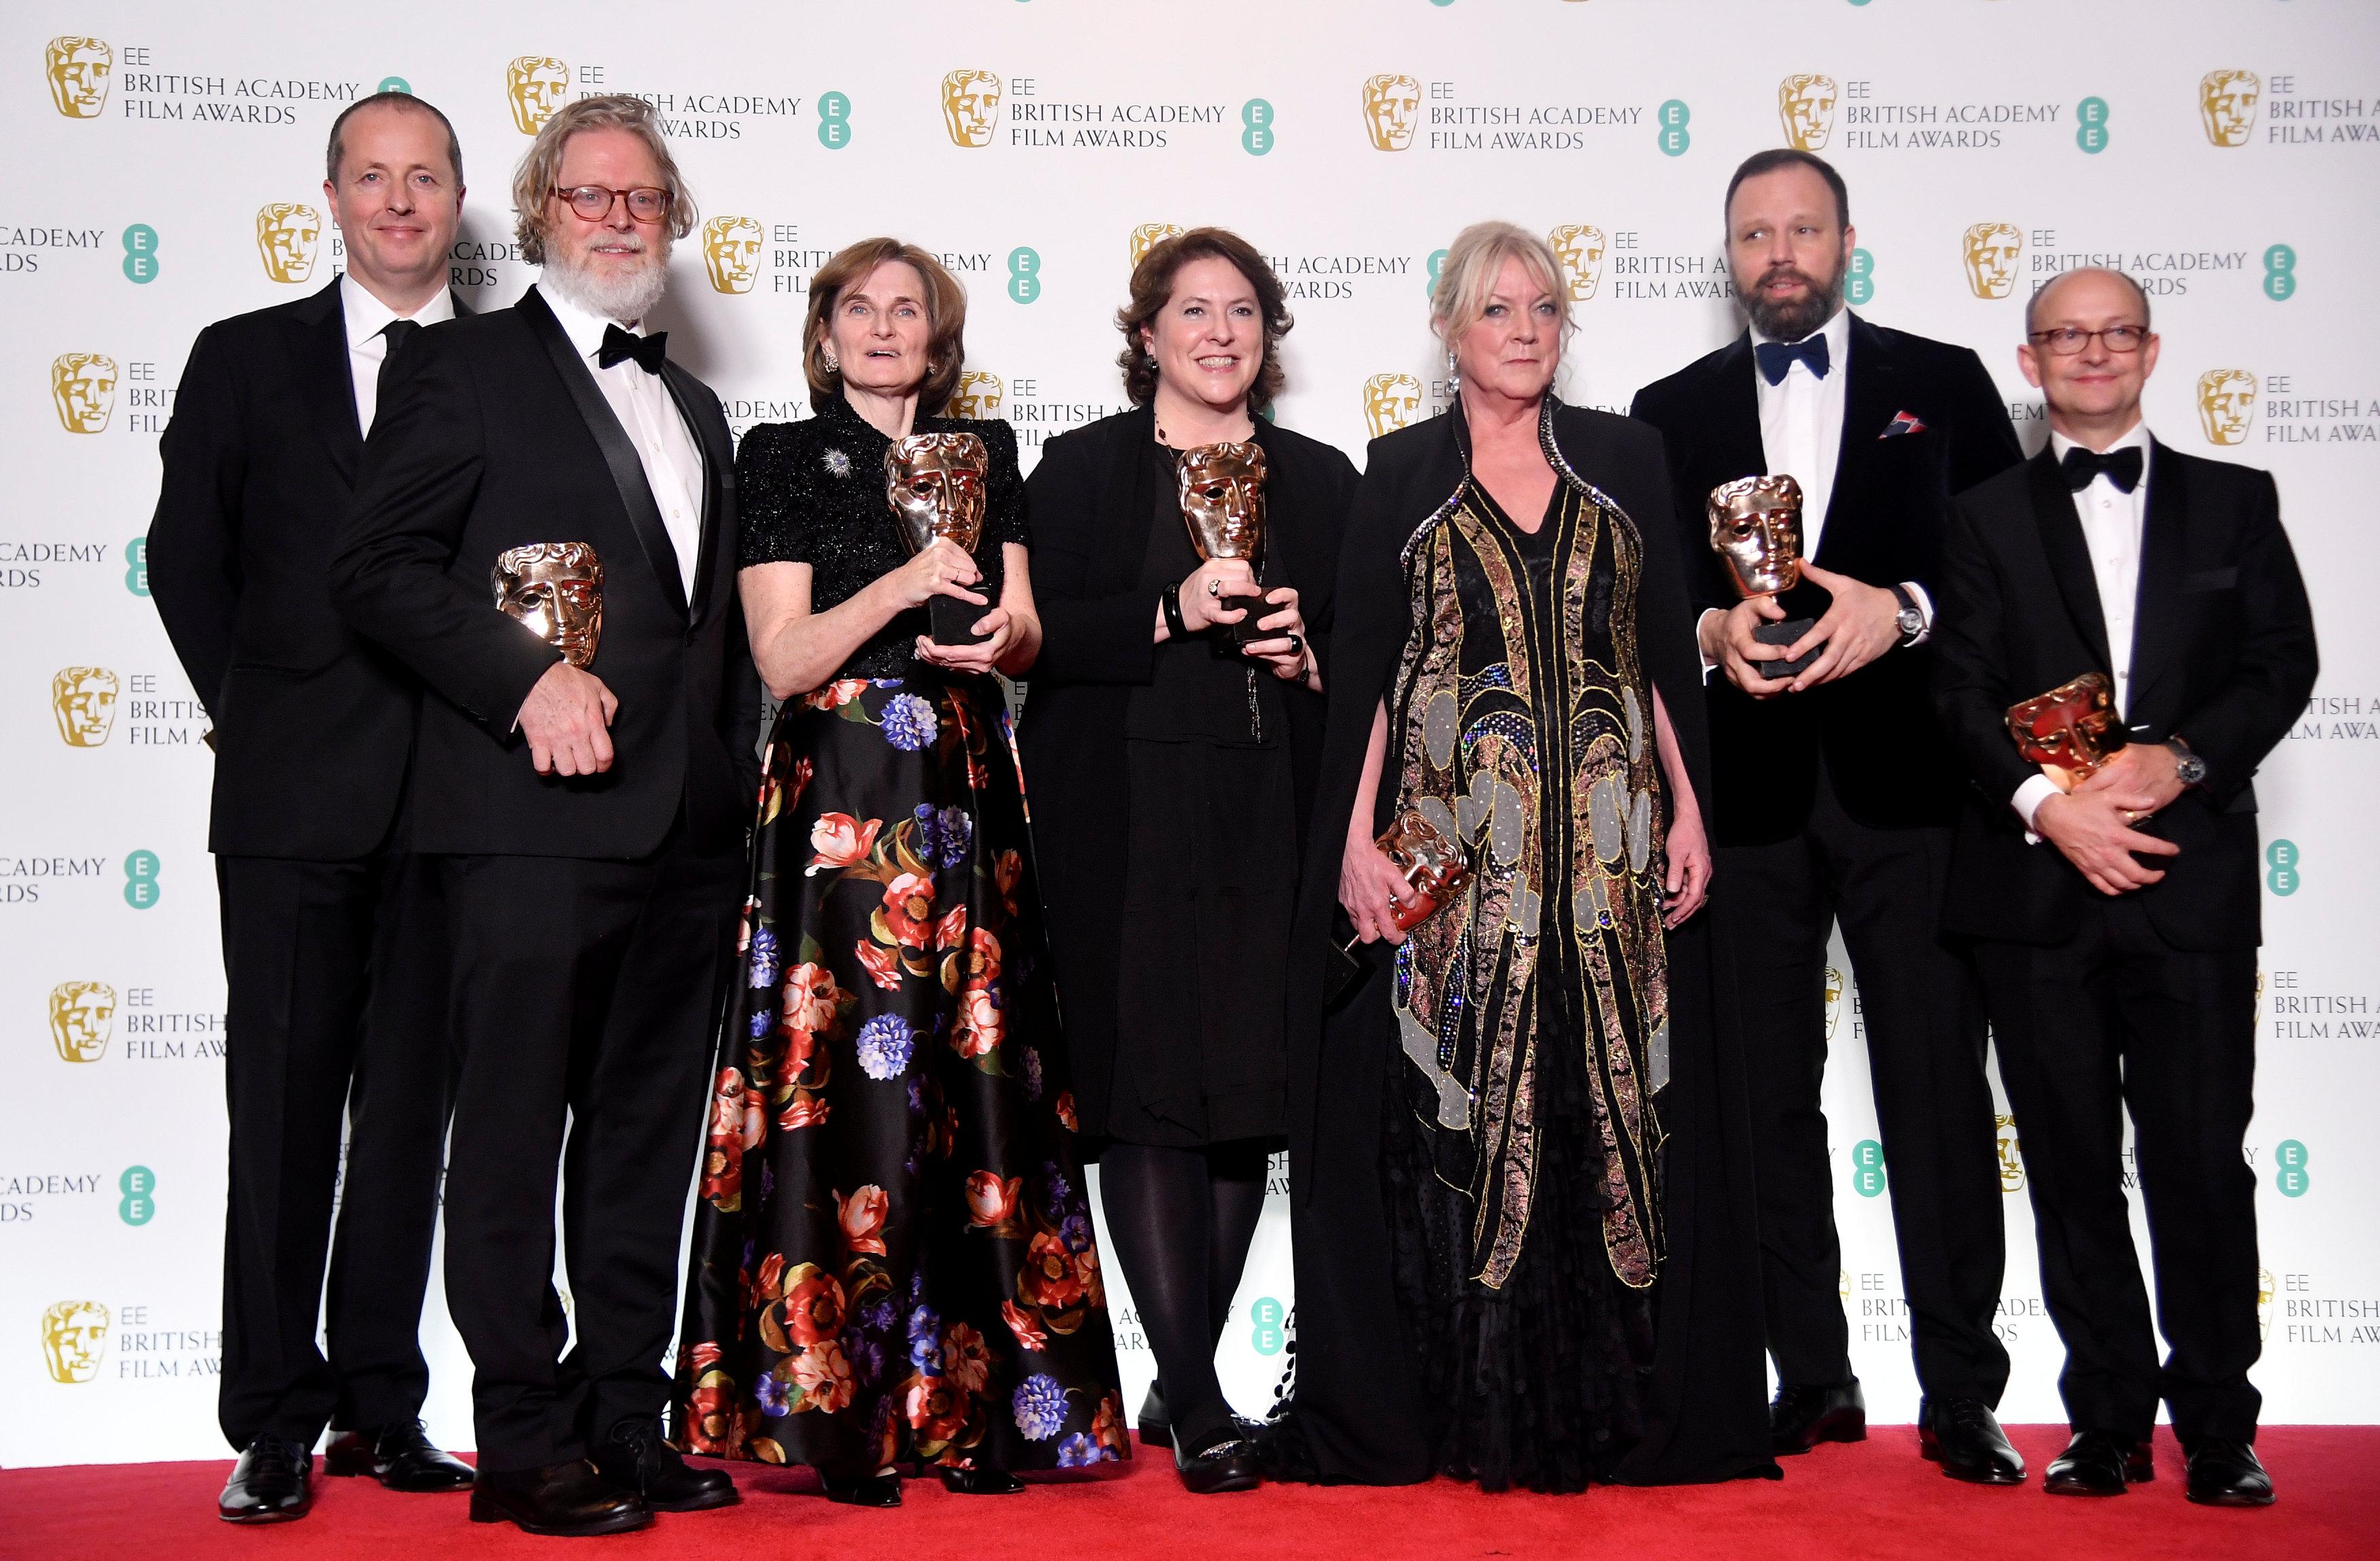 Γιώργος Λάνθιμος: Το πρόσωπο της βραδιάς στα BAFTA με 7 βραβεία! | tlife.gr